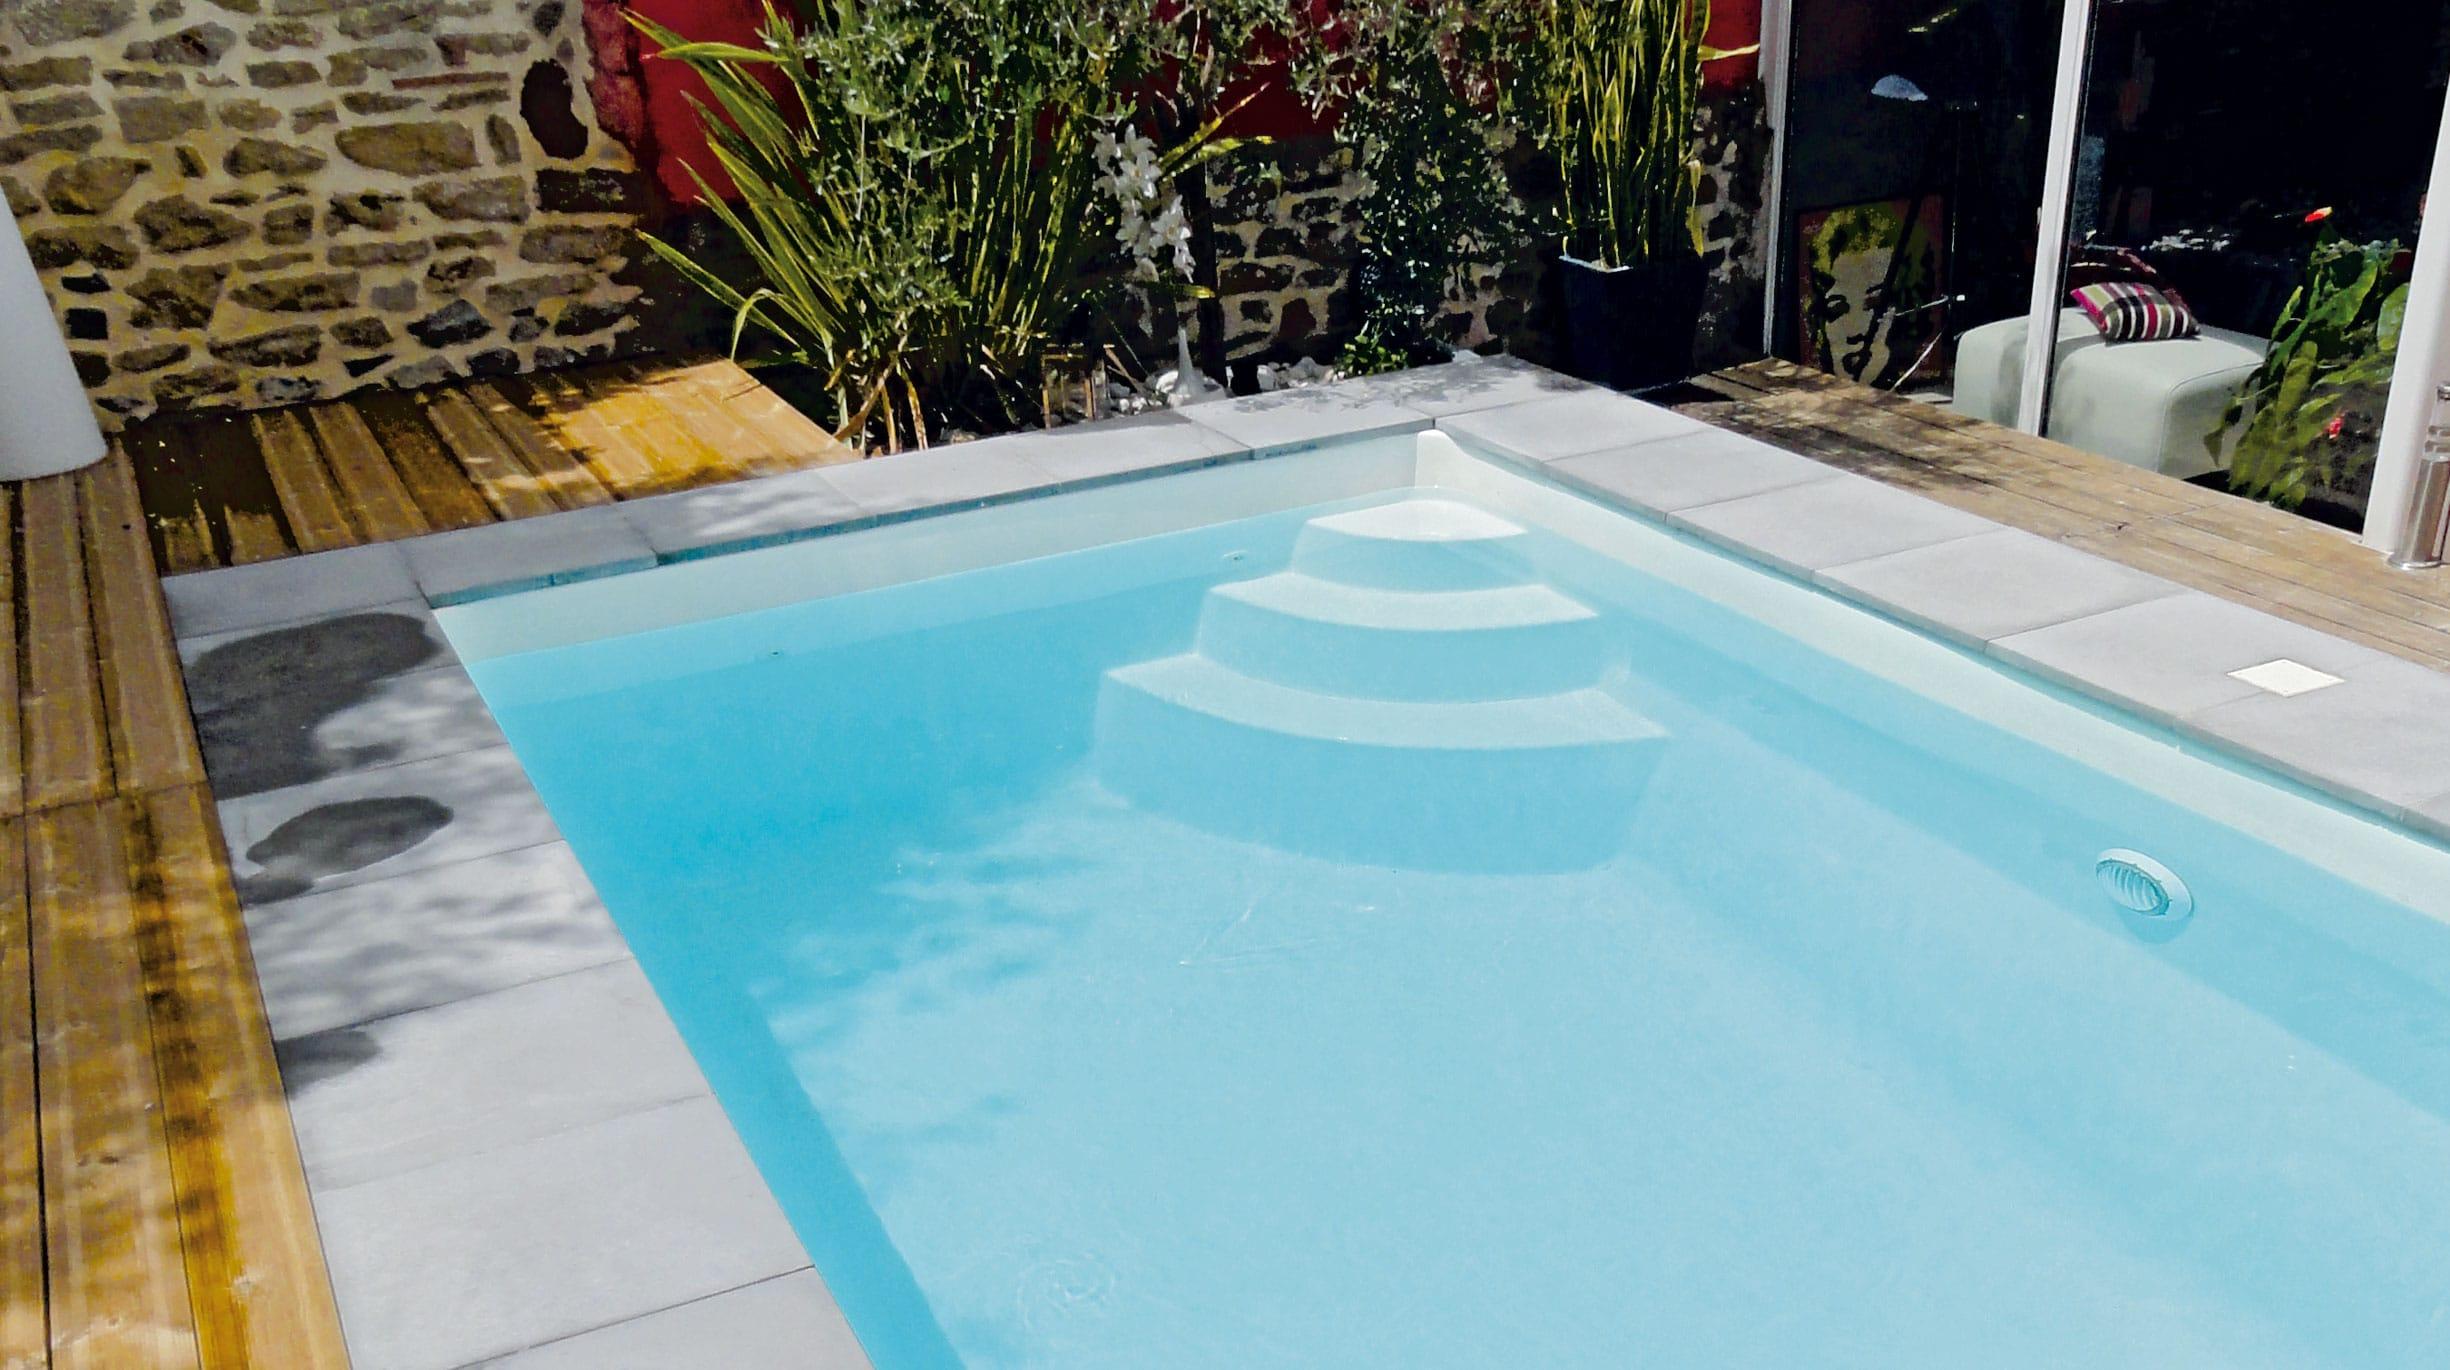 gp_actu_Juillet-CotePiscine_mejean Votre piscine coque est-elle correctement sécurisée ?